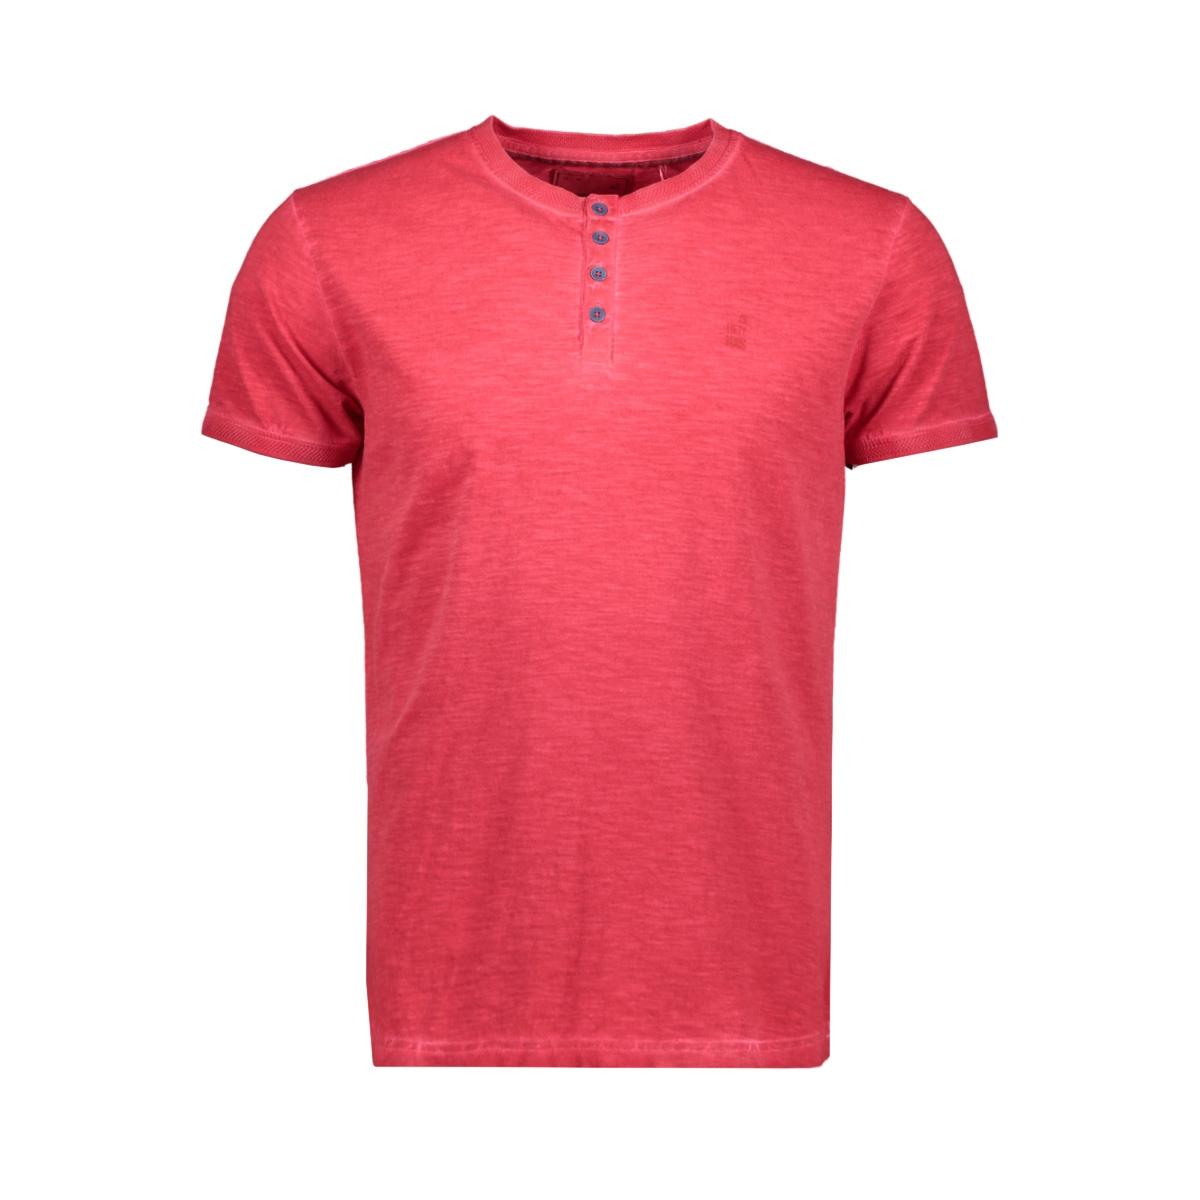 t shirt 90350419 no-excess t-shirt 182 dk cherry